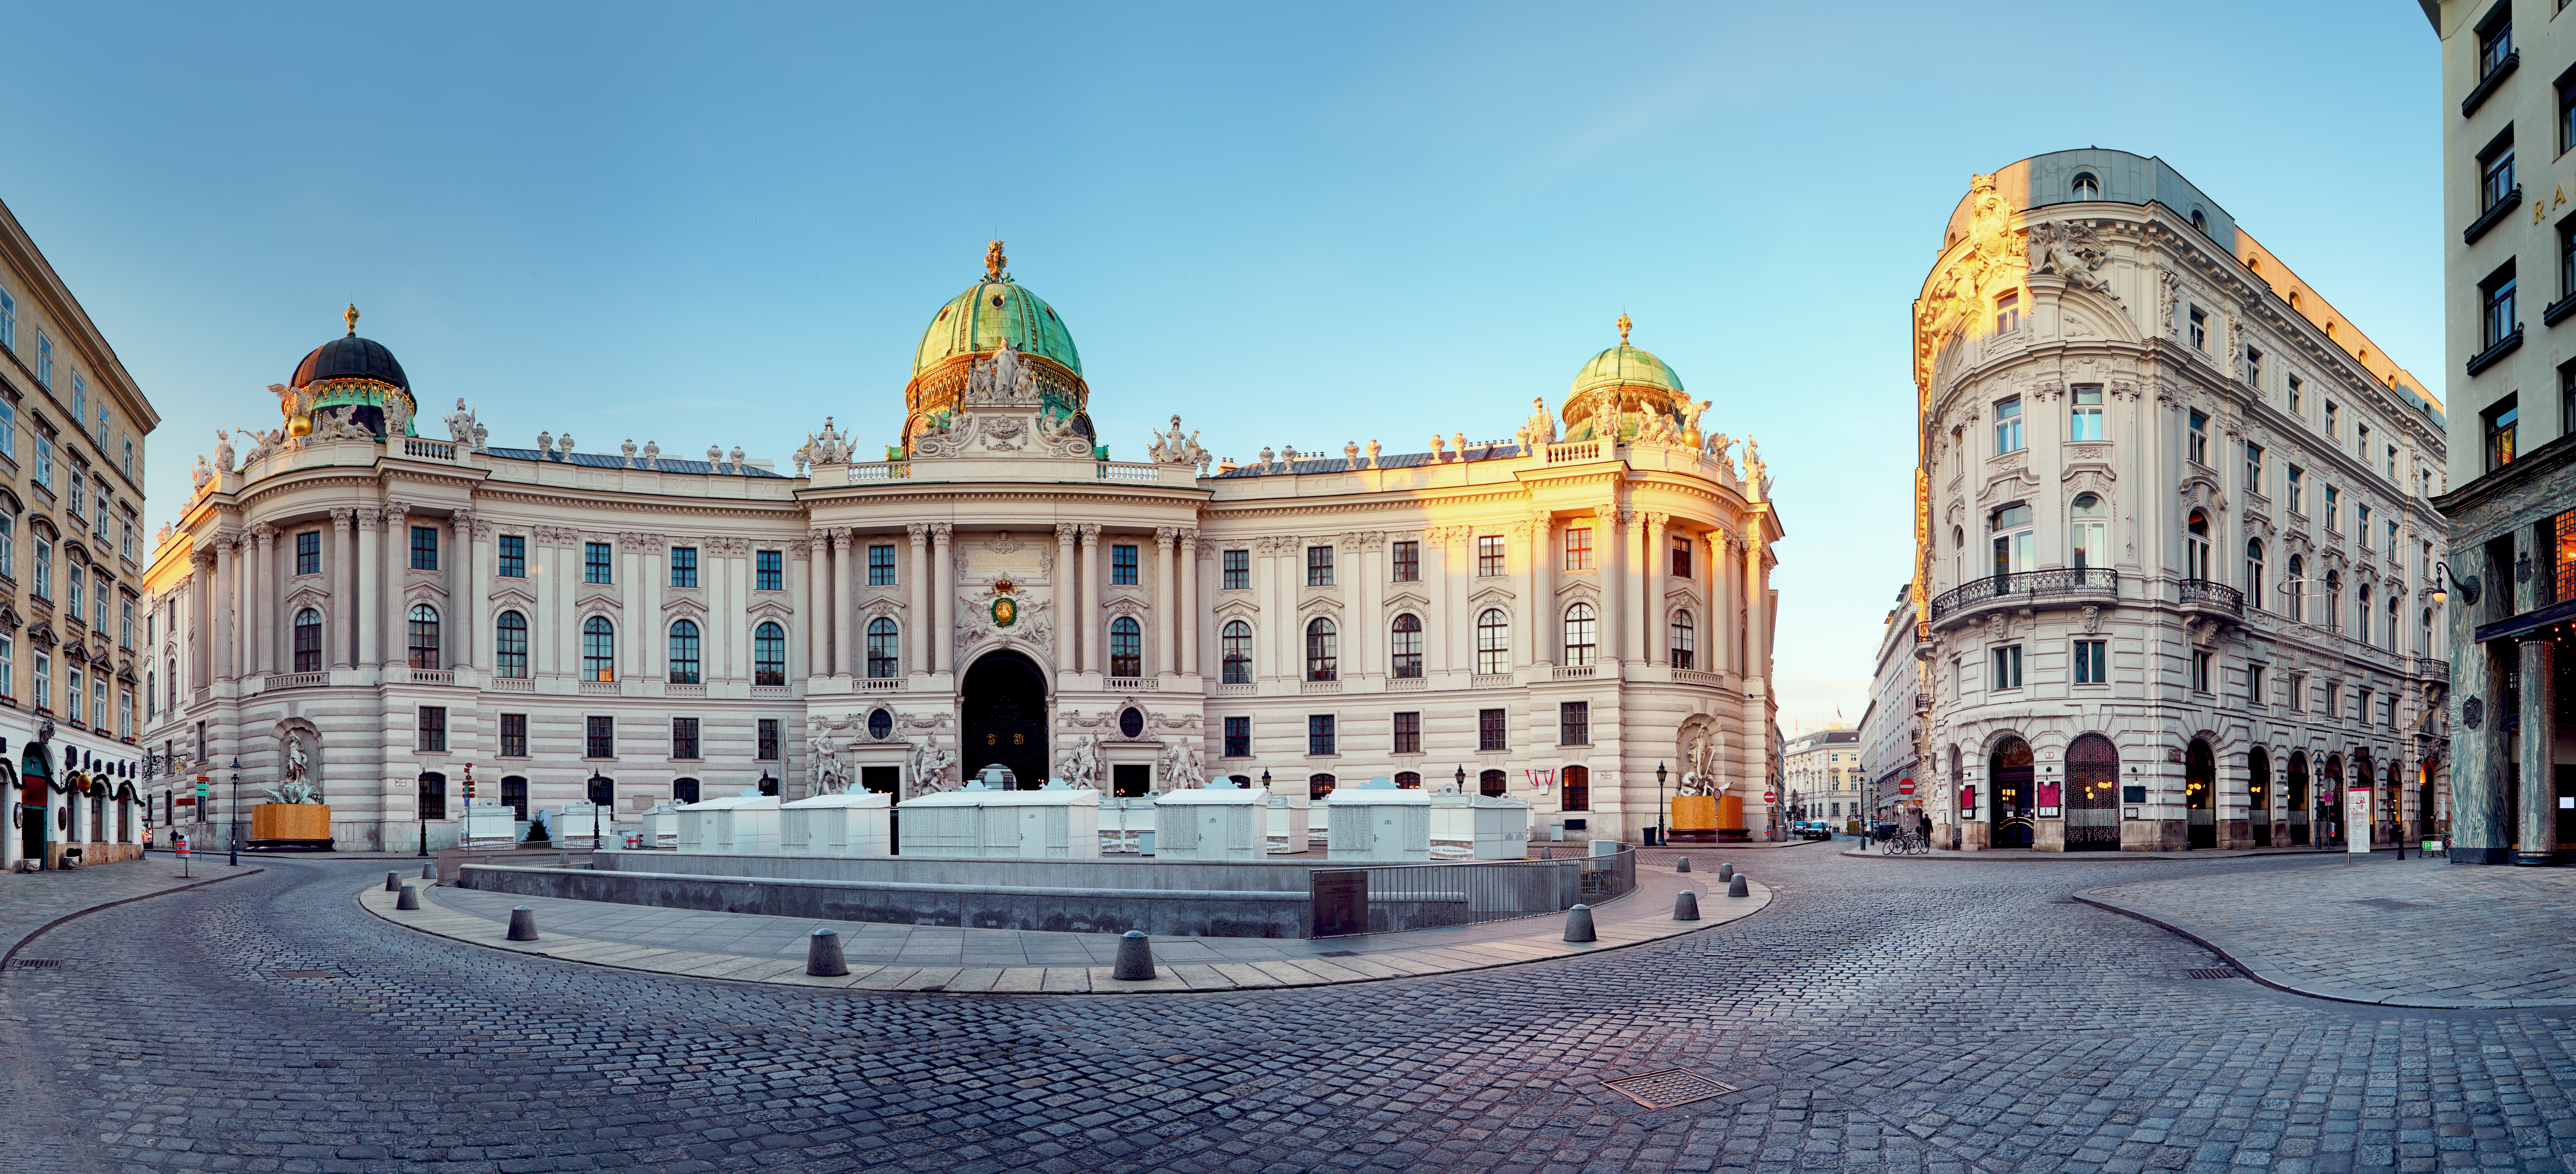 Conoce los objetos más personales de la reina y emperatriz Sissi - República Checa Circuito Capitales Imperiales Economy